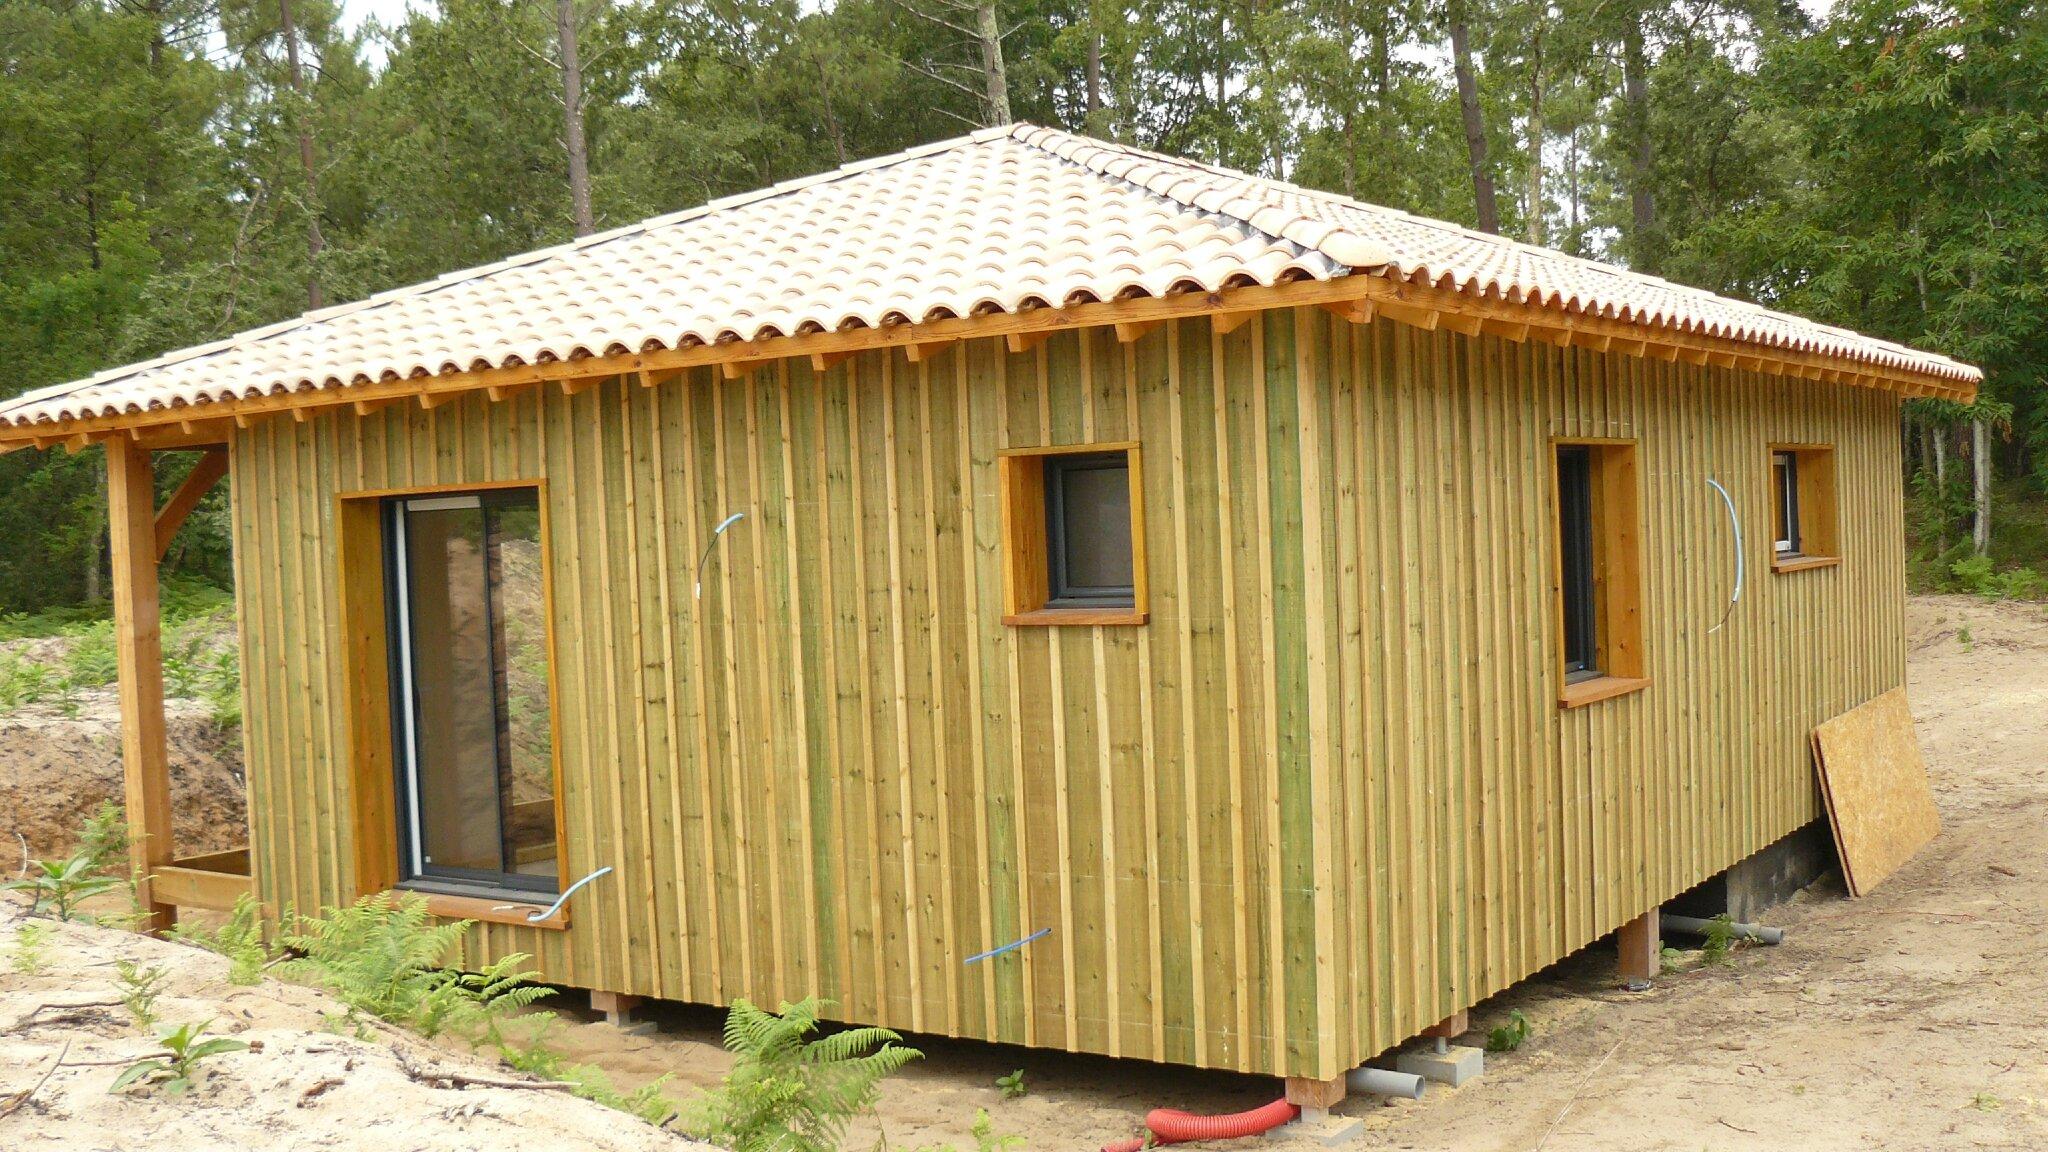 Exceptionnel Bardage en pin - Notre projet de maison ossature bois côté lac AW73